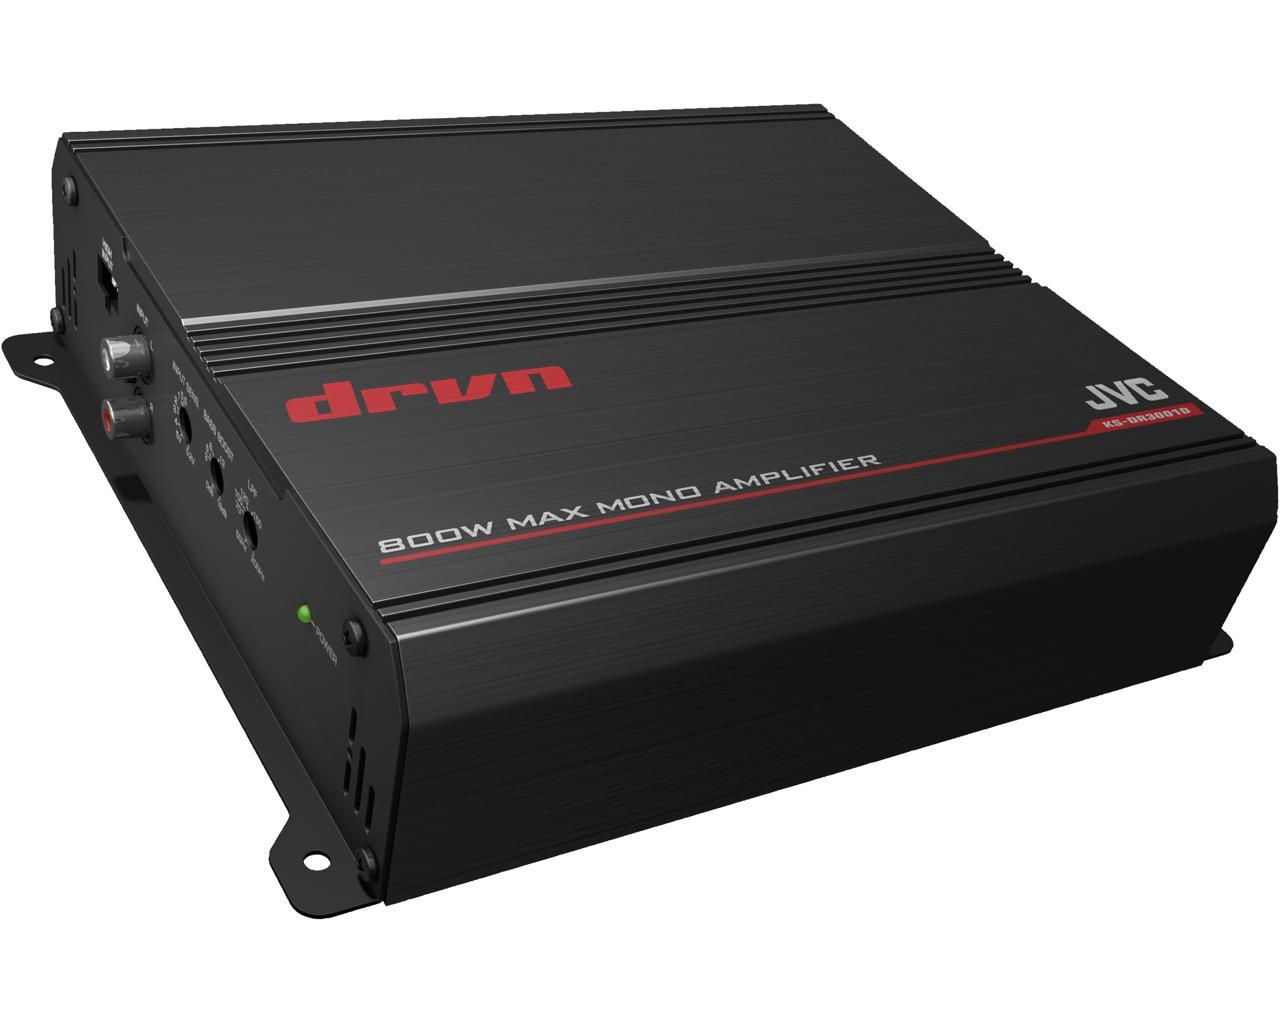 KS-DR3001D